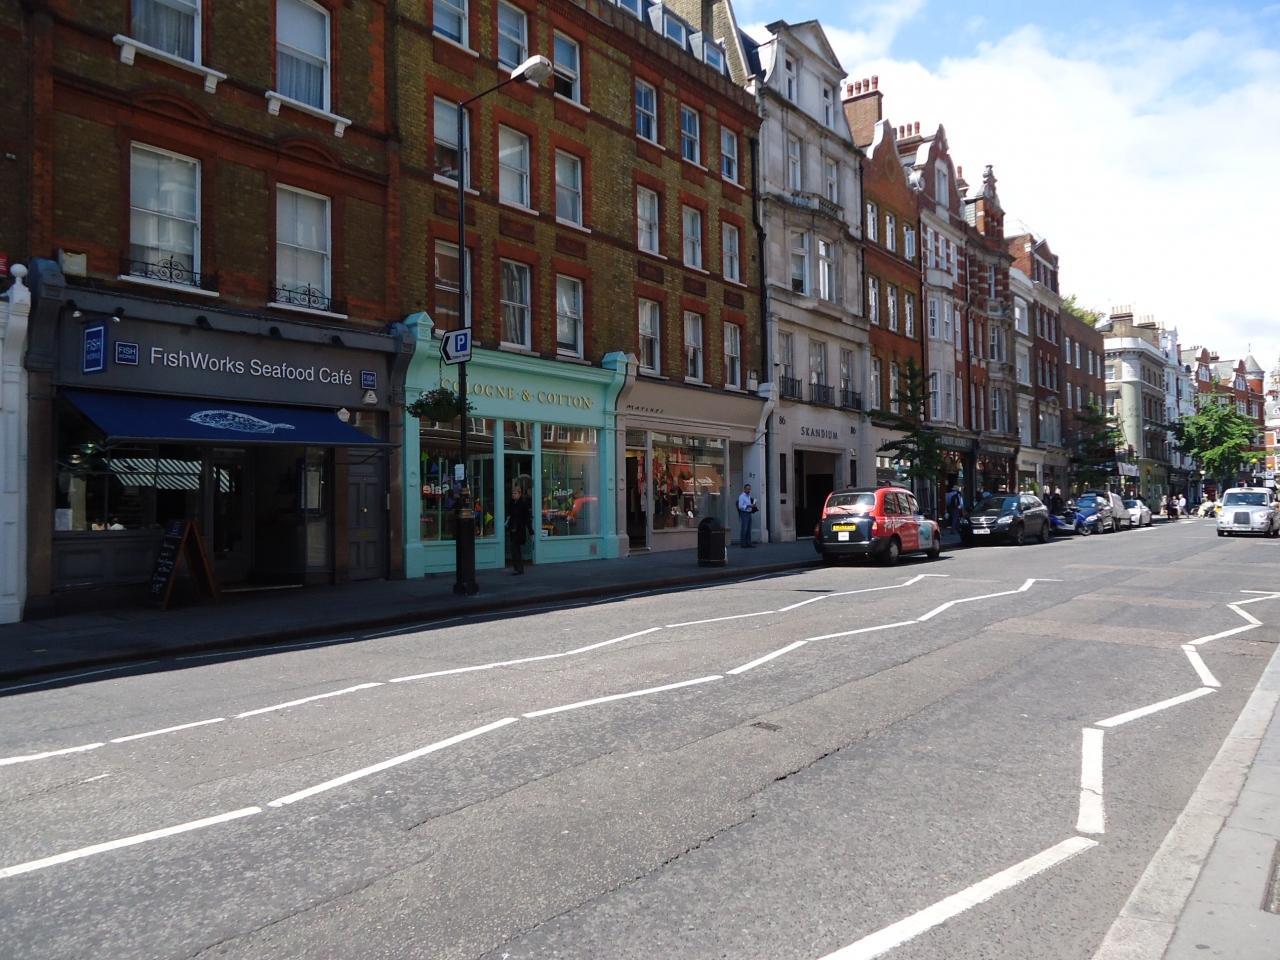 『一人旅ロンドン3泊4日~お洒落な街を歩く~』ロンドン イギリス の旅行記・ブログ By Tomato Soupさん